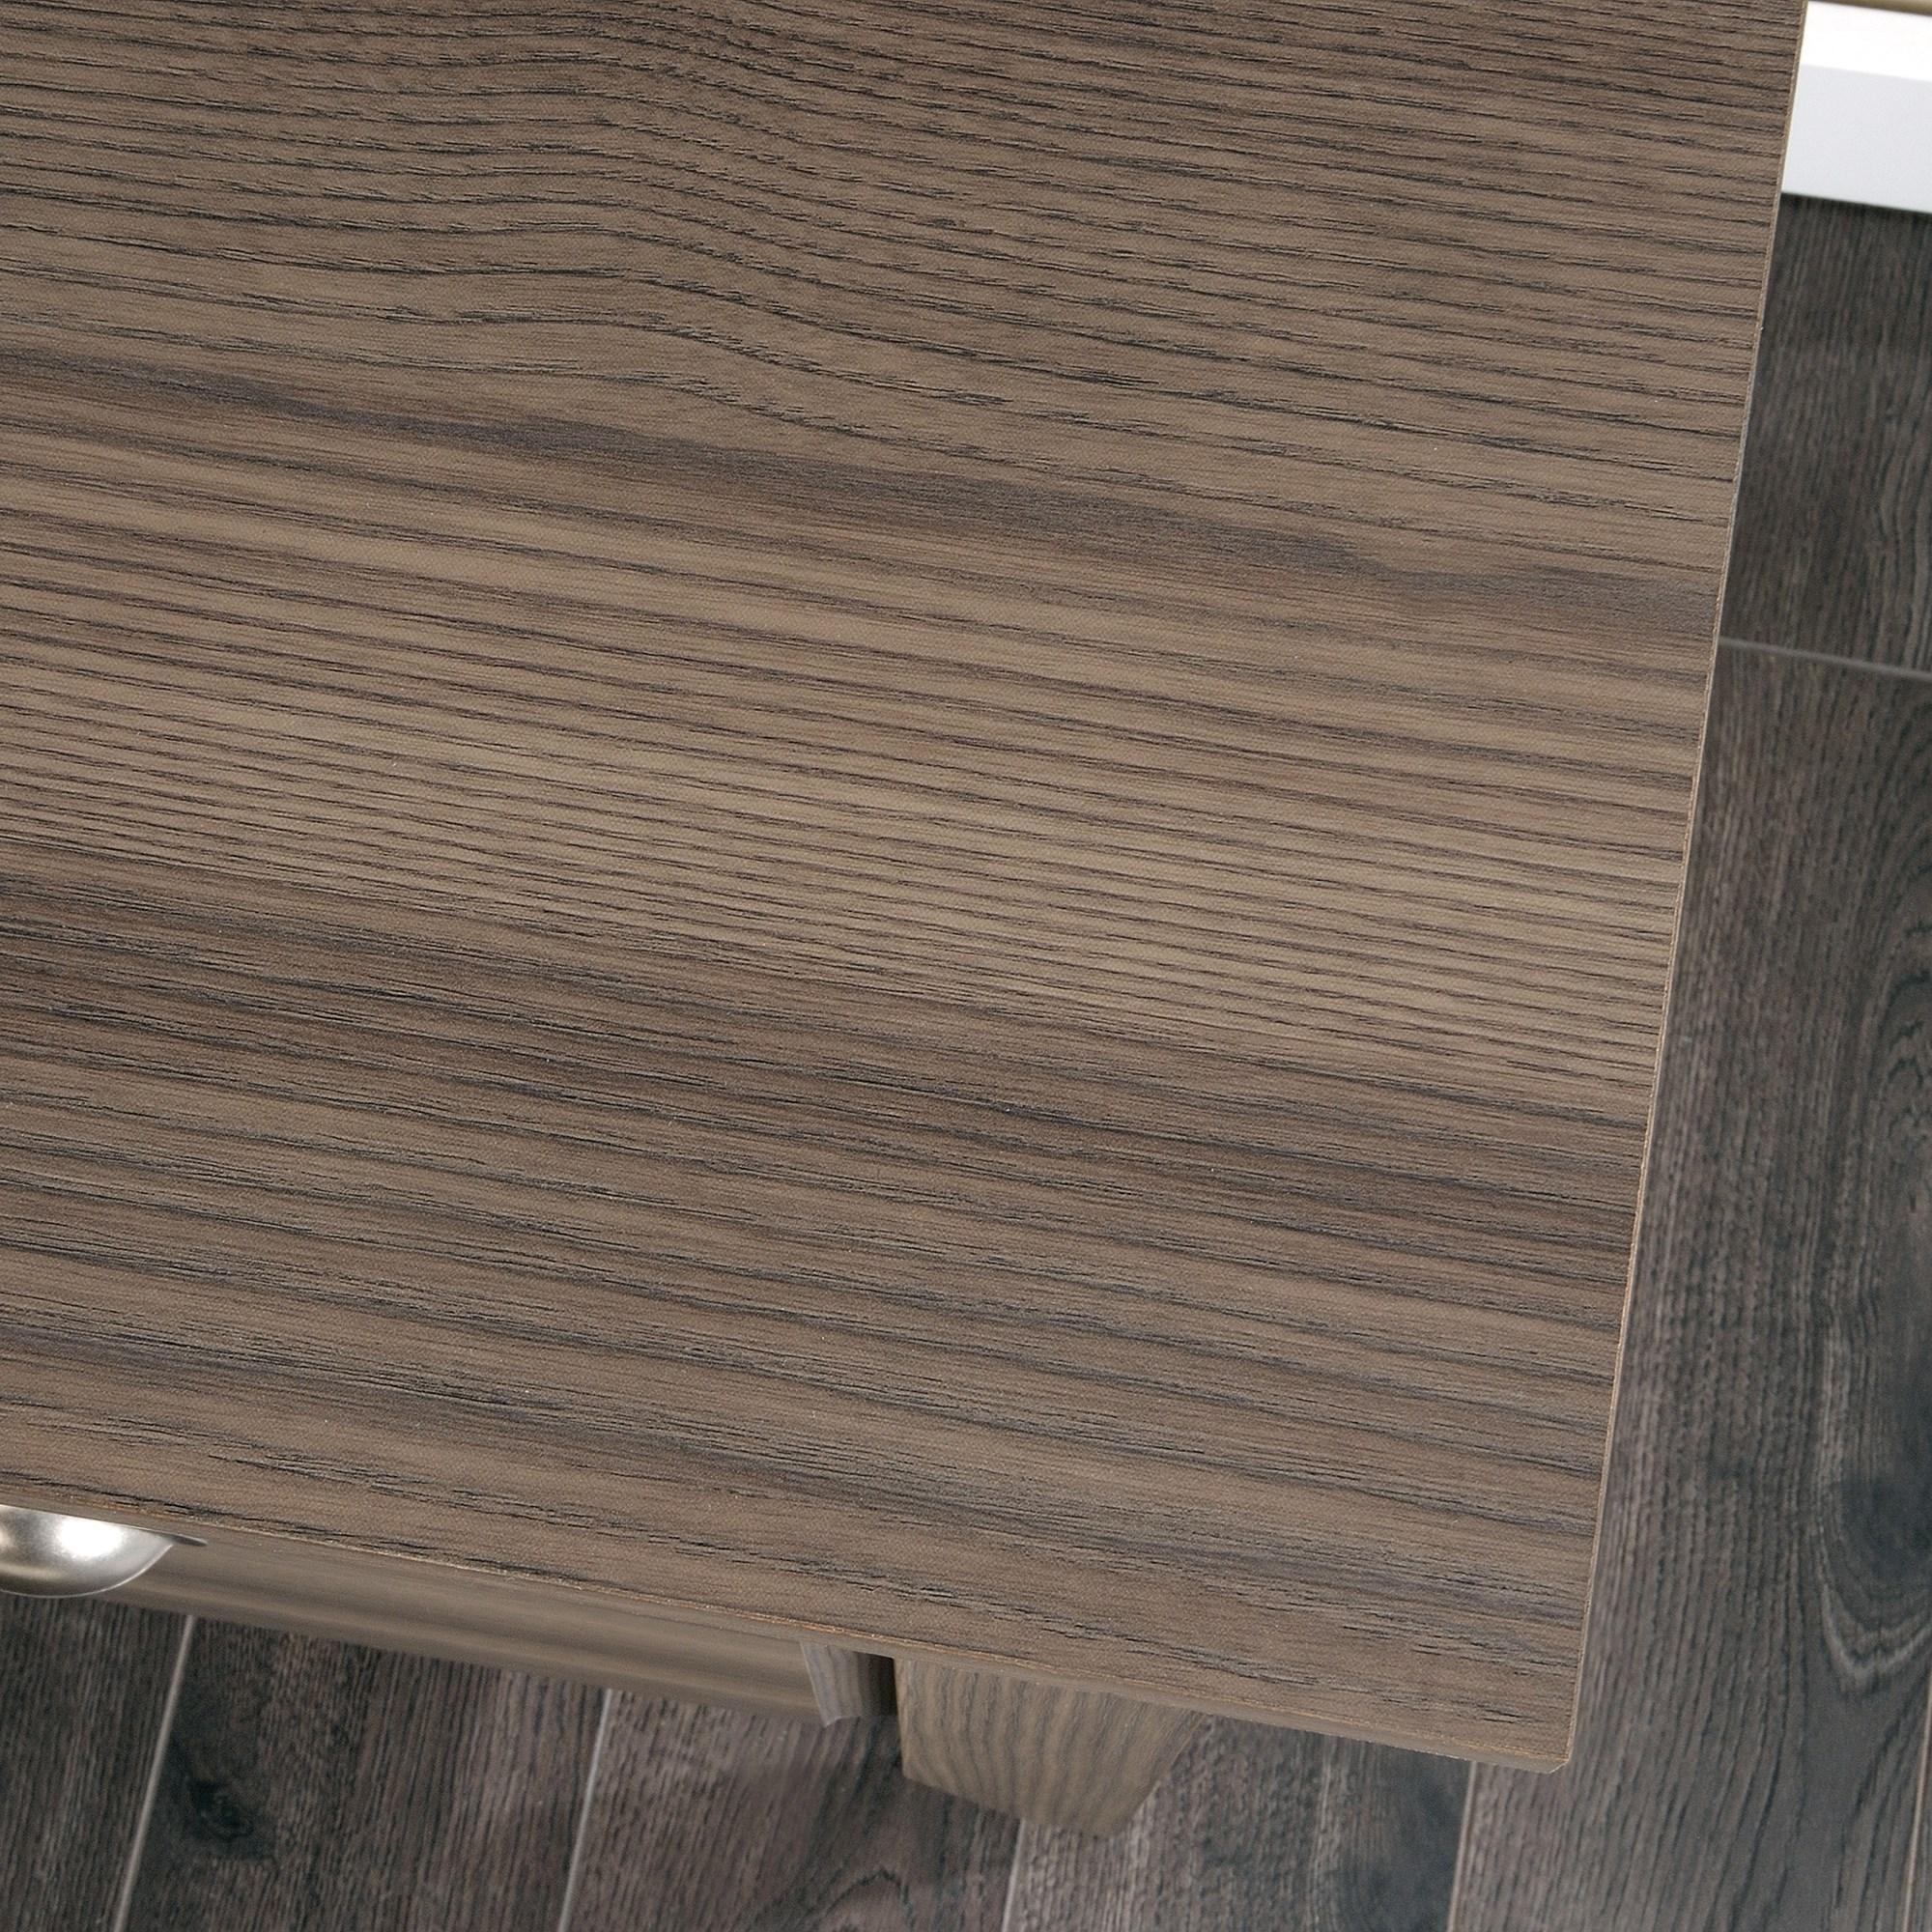 Sauder Shoal Creek 418657 Desk With Keyboard Drawer Becker Furniture World Single Pedestal Desks